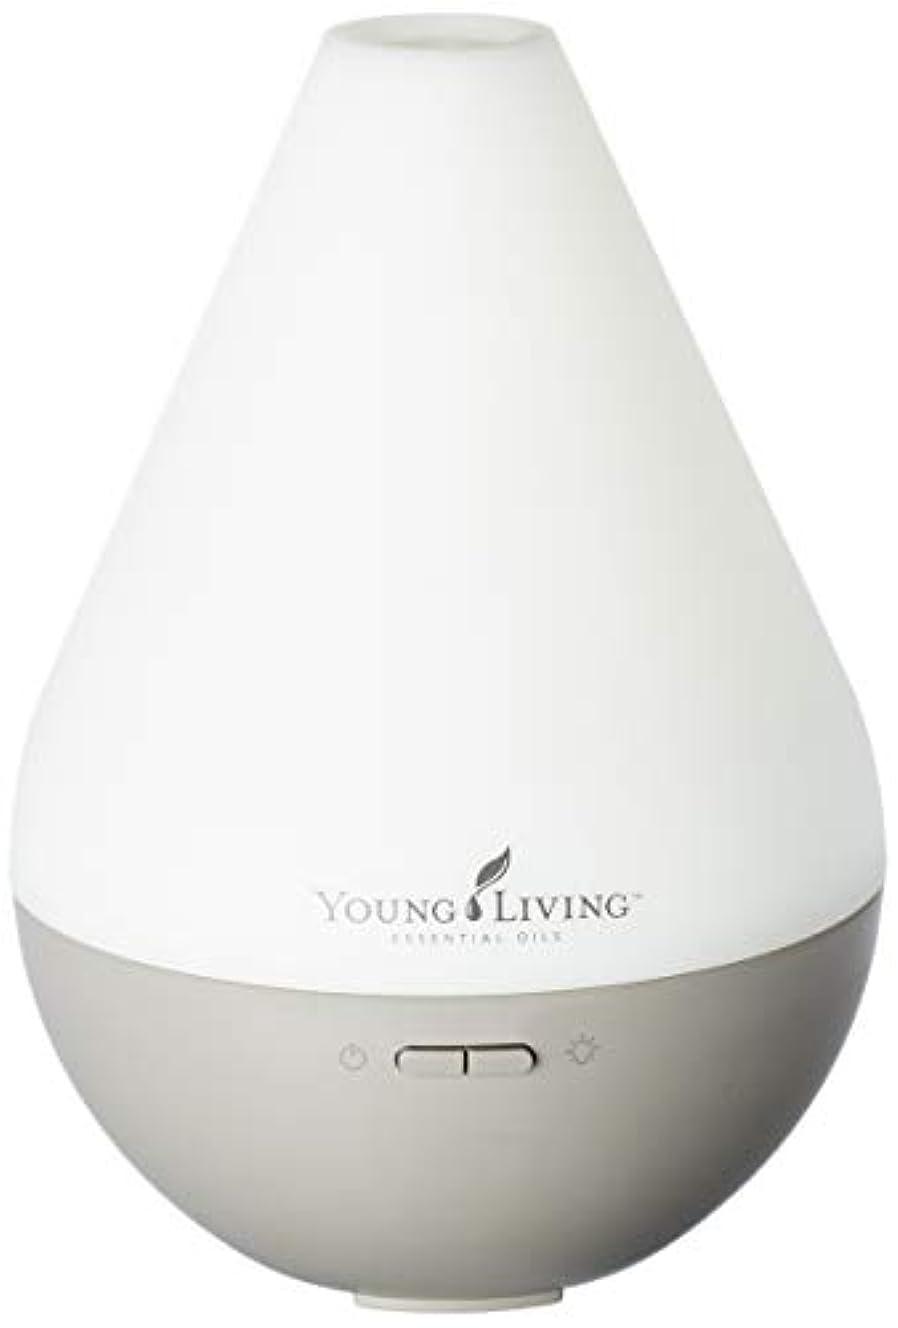 おしゃれなバリア責任Young Living デュードロップデザインティアドロップとヤングリビングエッセンシャルオイルホーム超音波ディフューザー